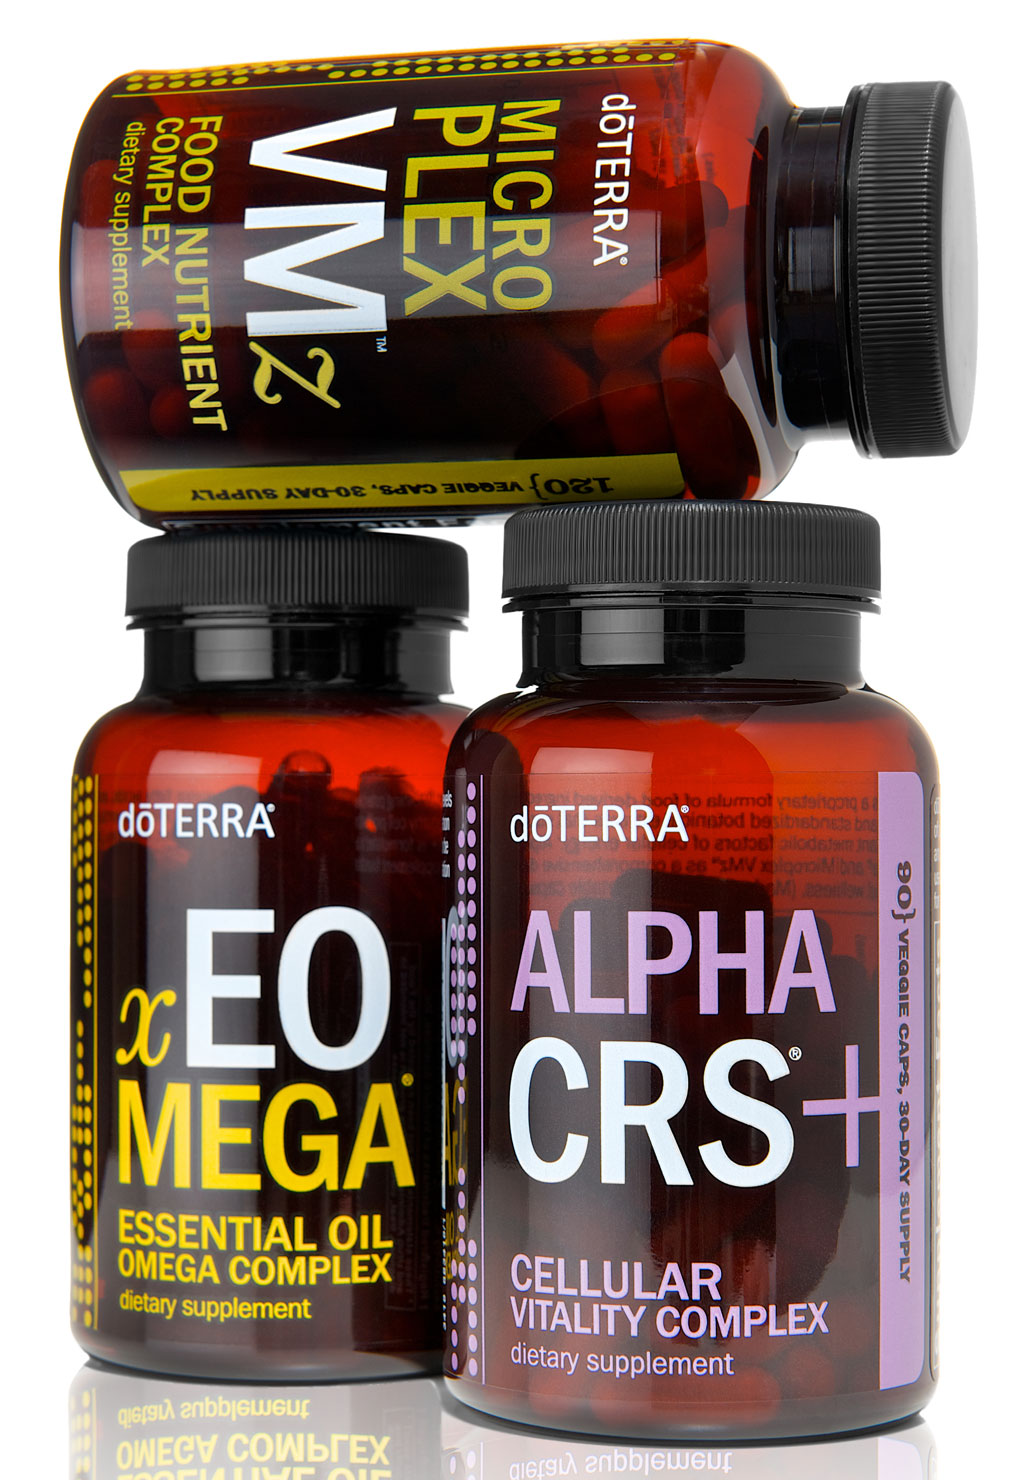 benefits of doterra lifelong vitality pack.jpg